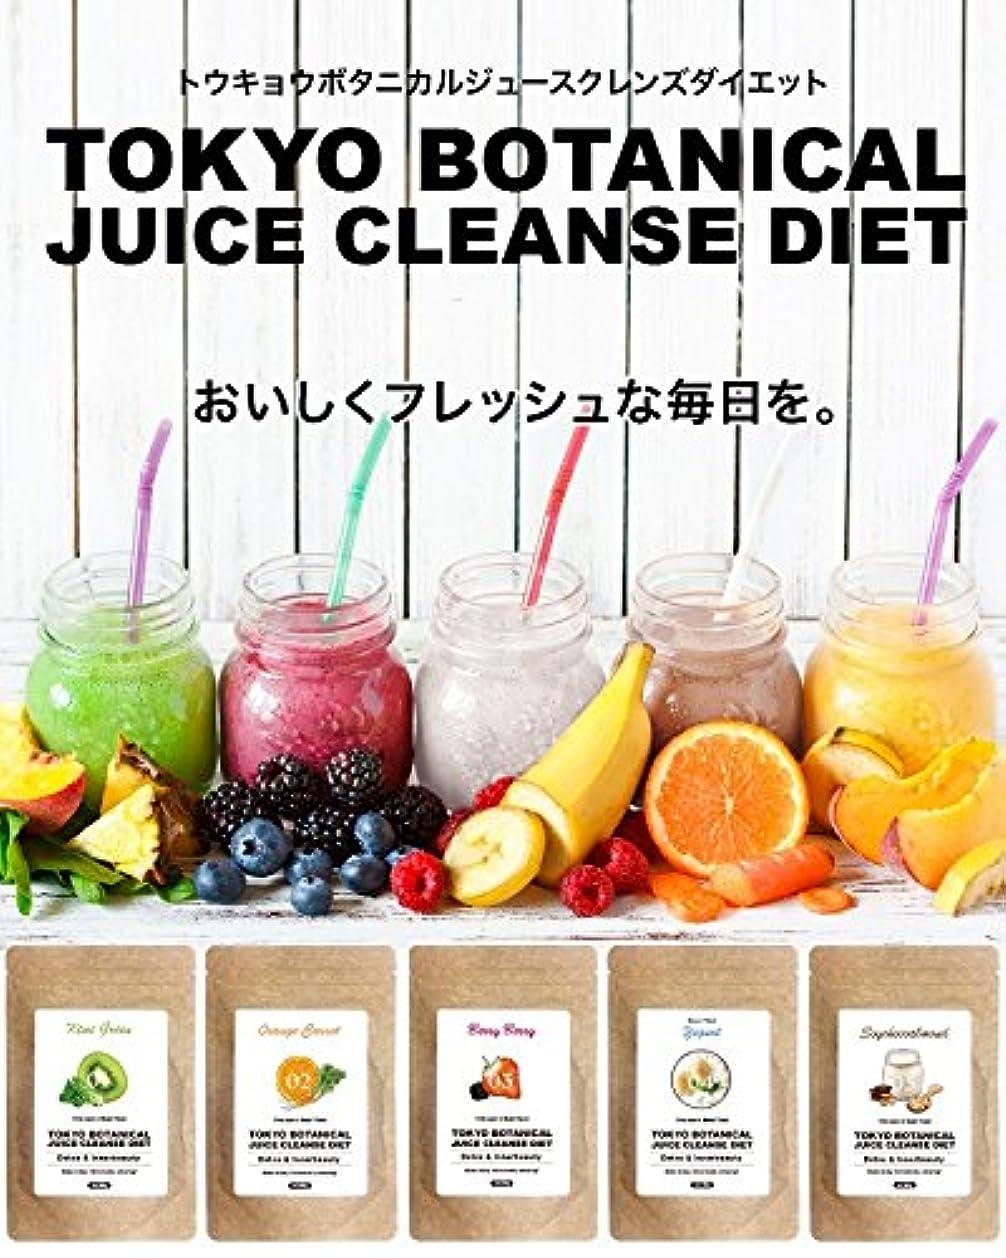 シフト悲しいことに寛容東京ボタニカルジュースクレンズダイエット オレンジキャロット&ソイチョコアーモンドセット